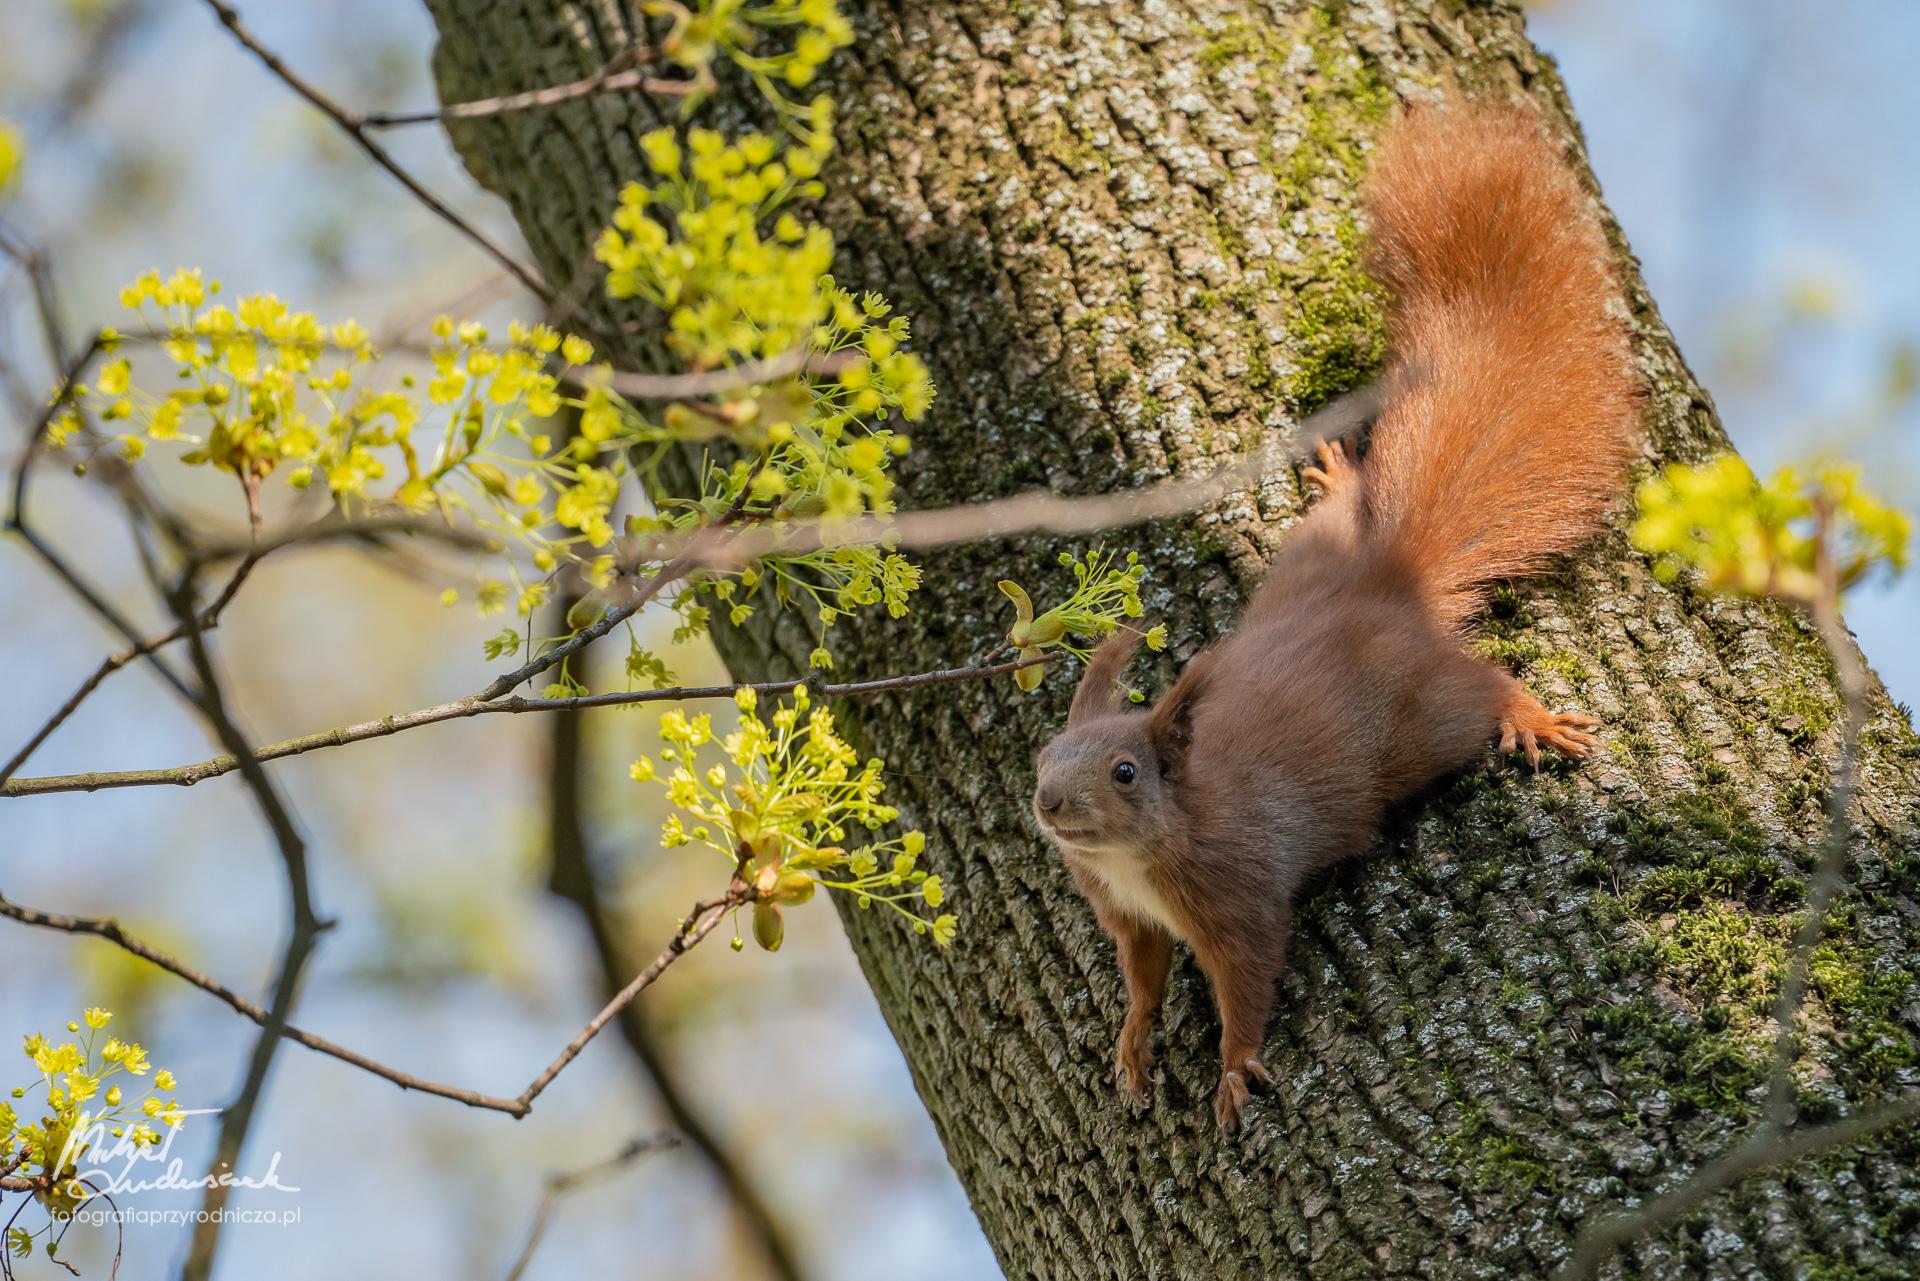 Wiewiórka wąchająca kwiatki klonu